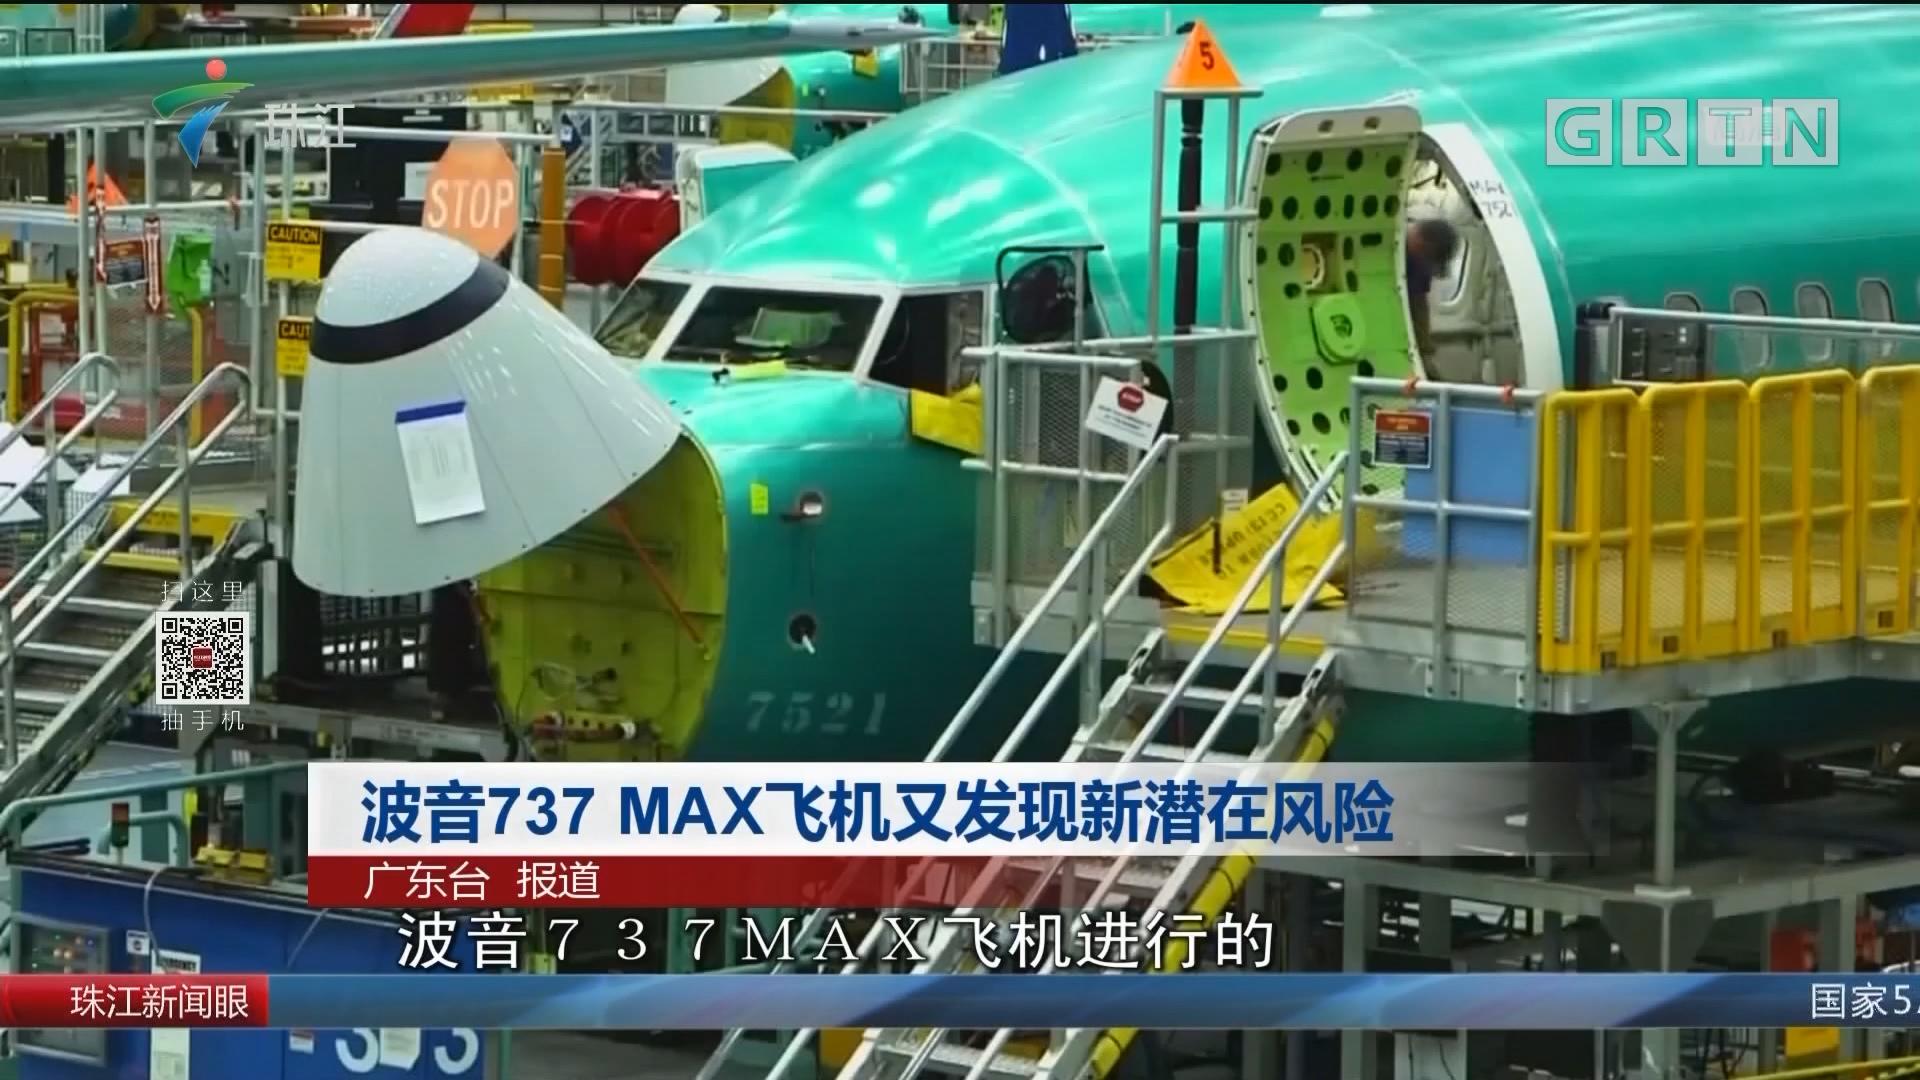 波音737 MAX飞机又发现新潜在风险